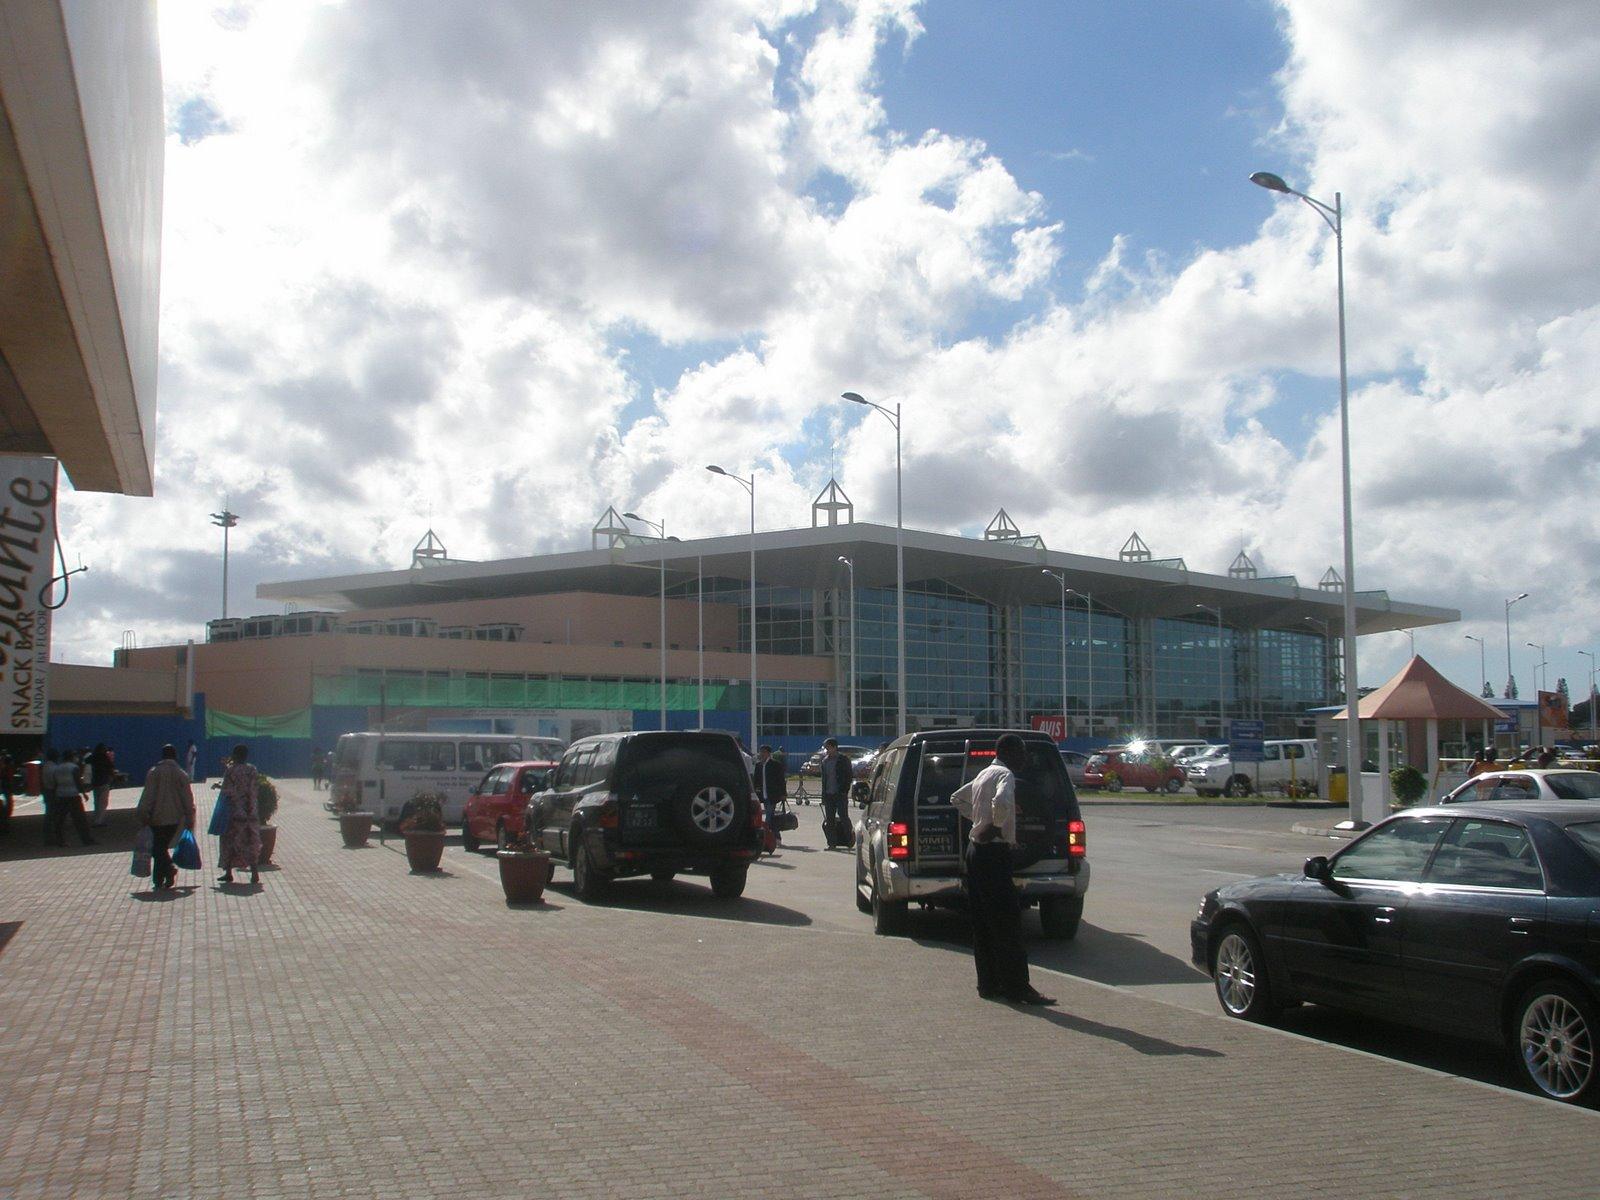 Aeroporto De Quelimane : Digital no Índico maputo novo aeroporto